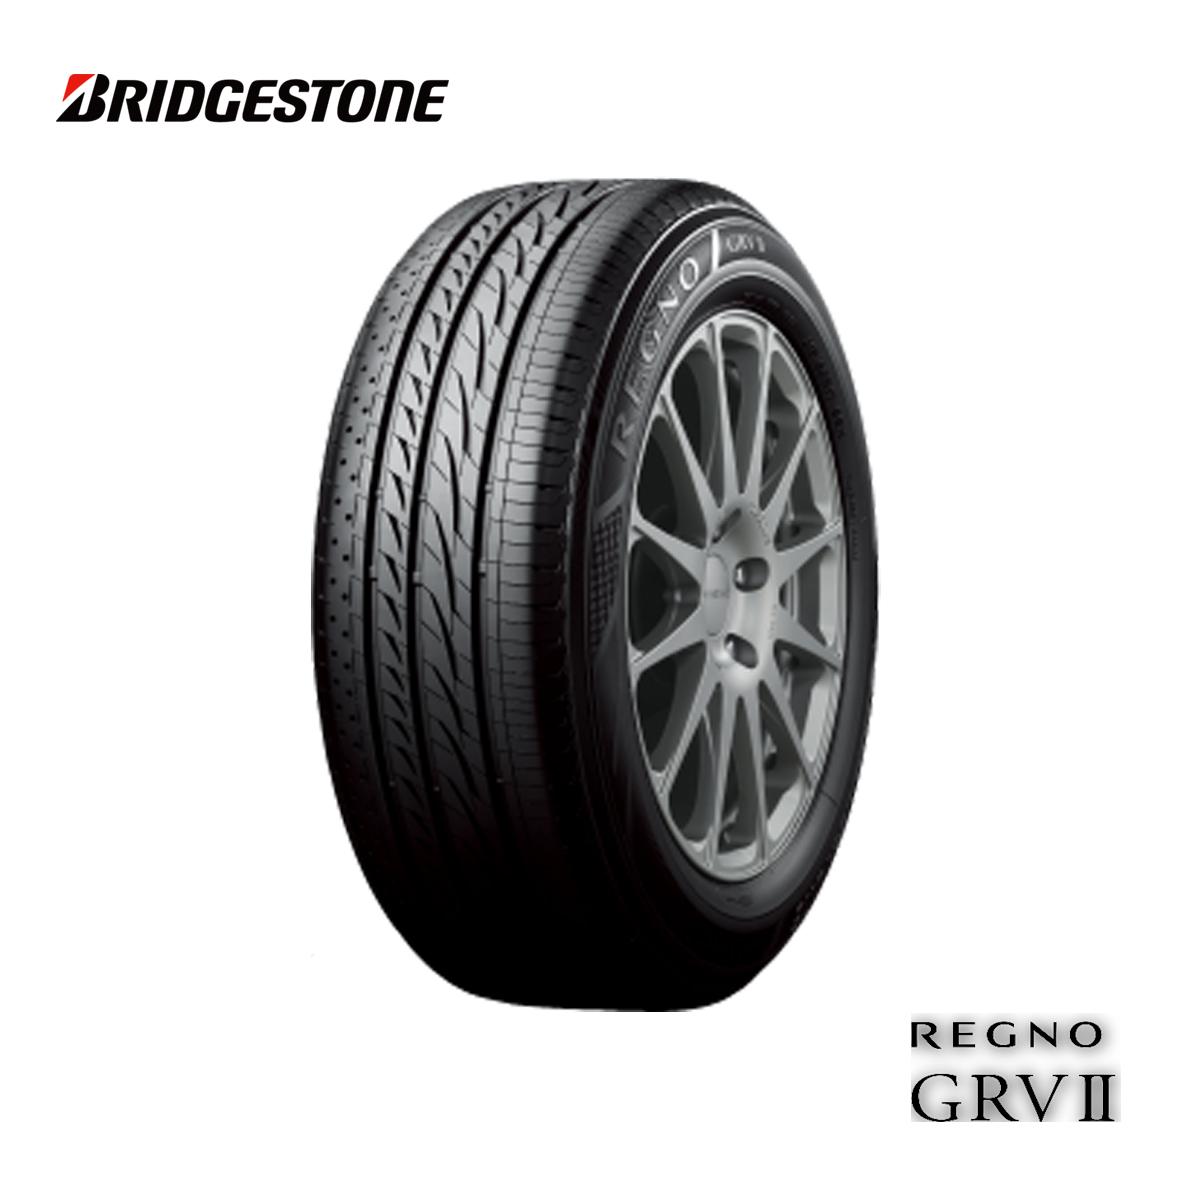 ブリヂストン BS 18インチ タイヤ 215/55R18 215 55 18 レグノ サマータイヤ 1本 低燃費 エコ 夏 サマー タイヤ BRIDGESTONE REGNO GRVII GRV2